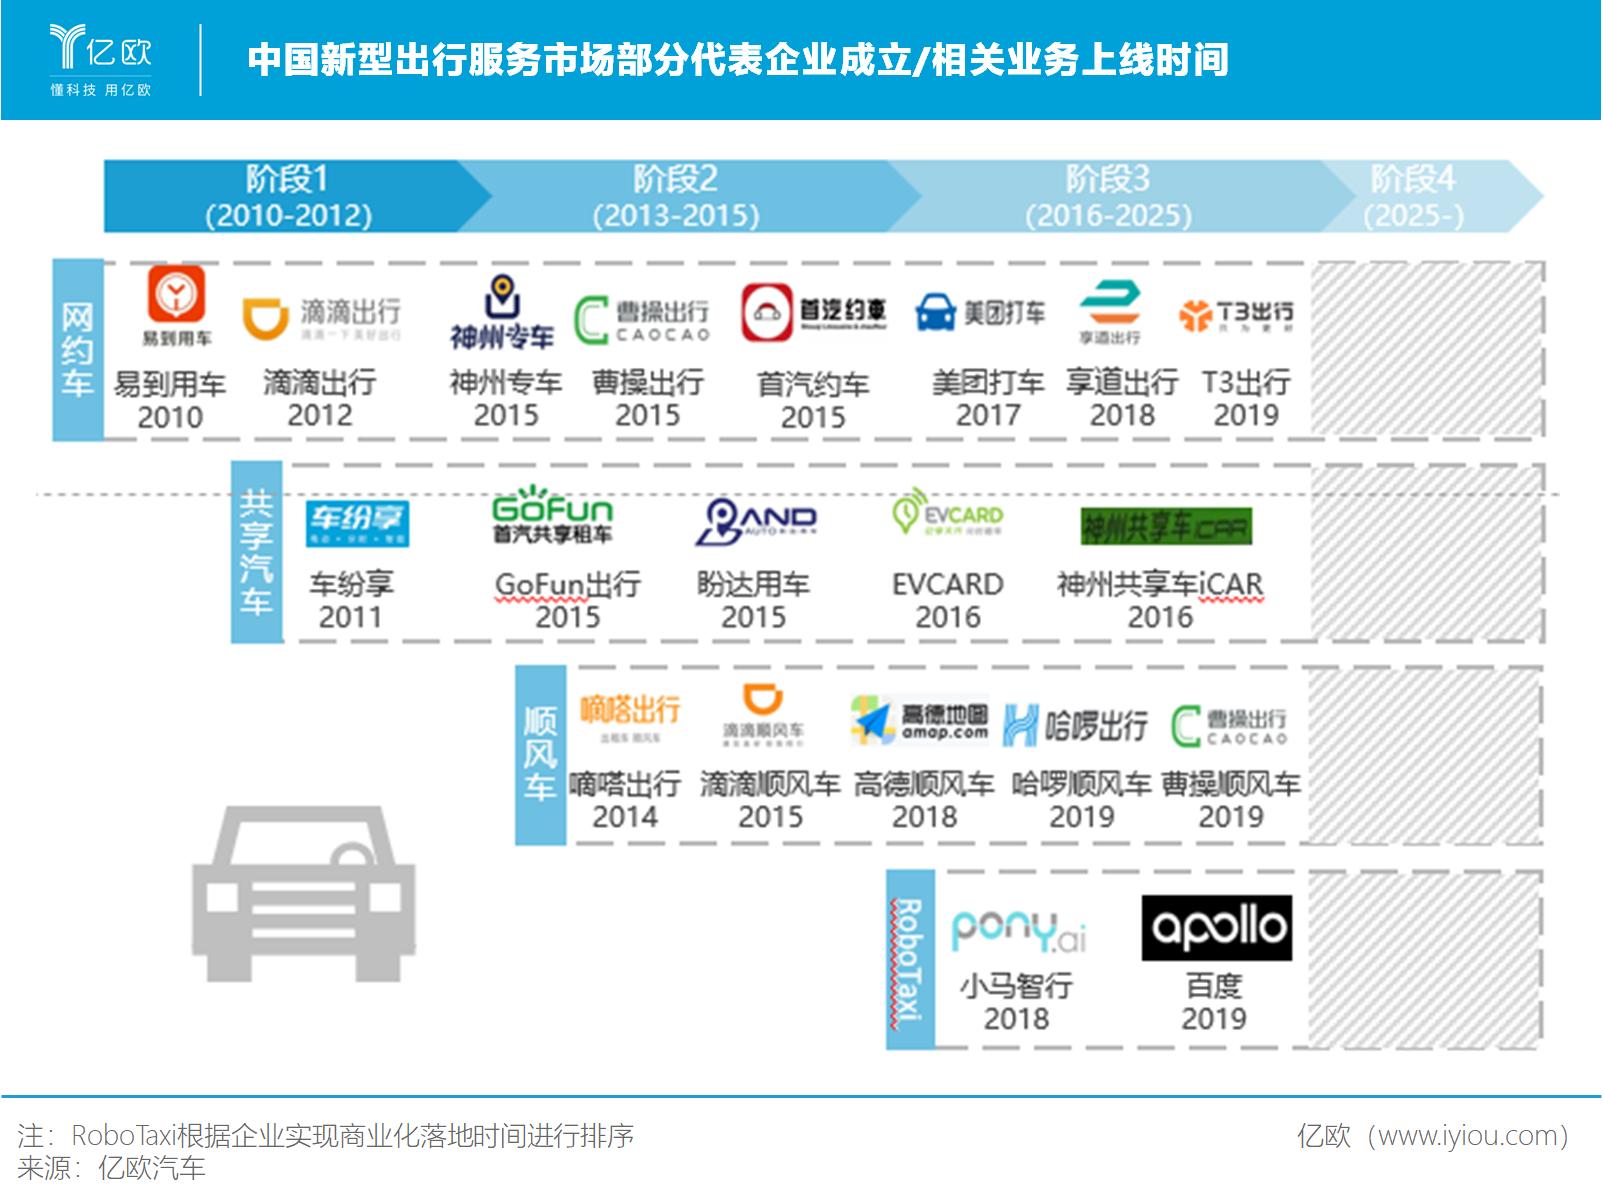 中国新型出行服务市场部分代表企业成立/相关业务上线时间